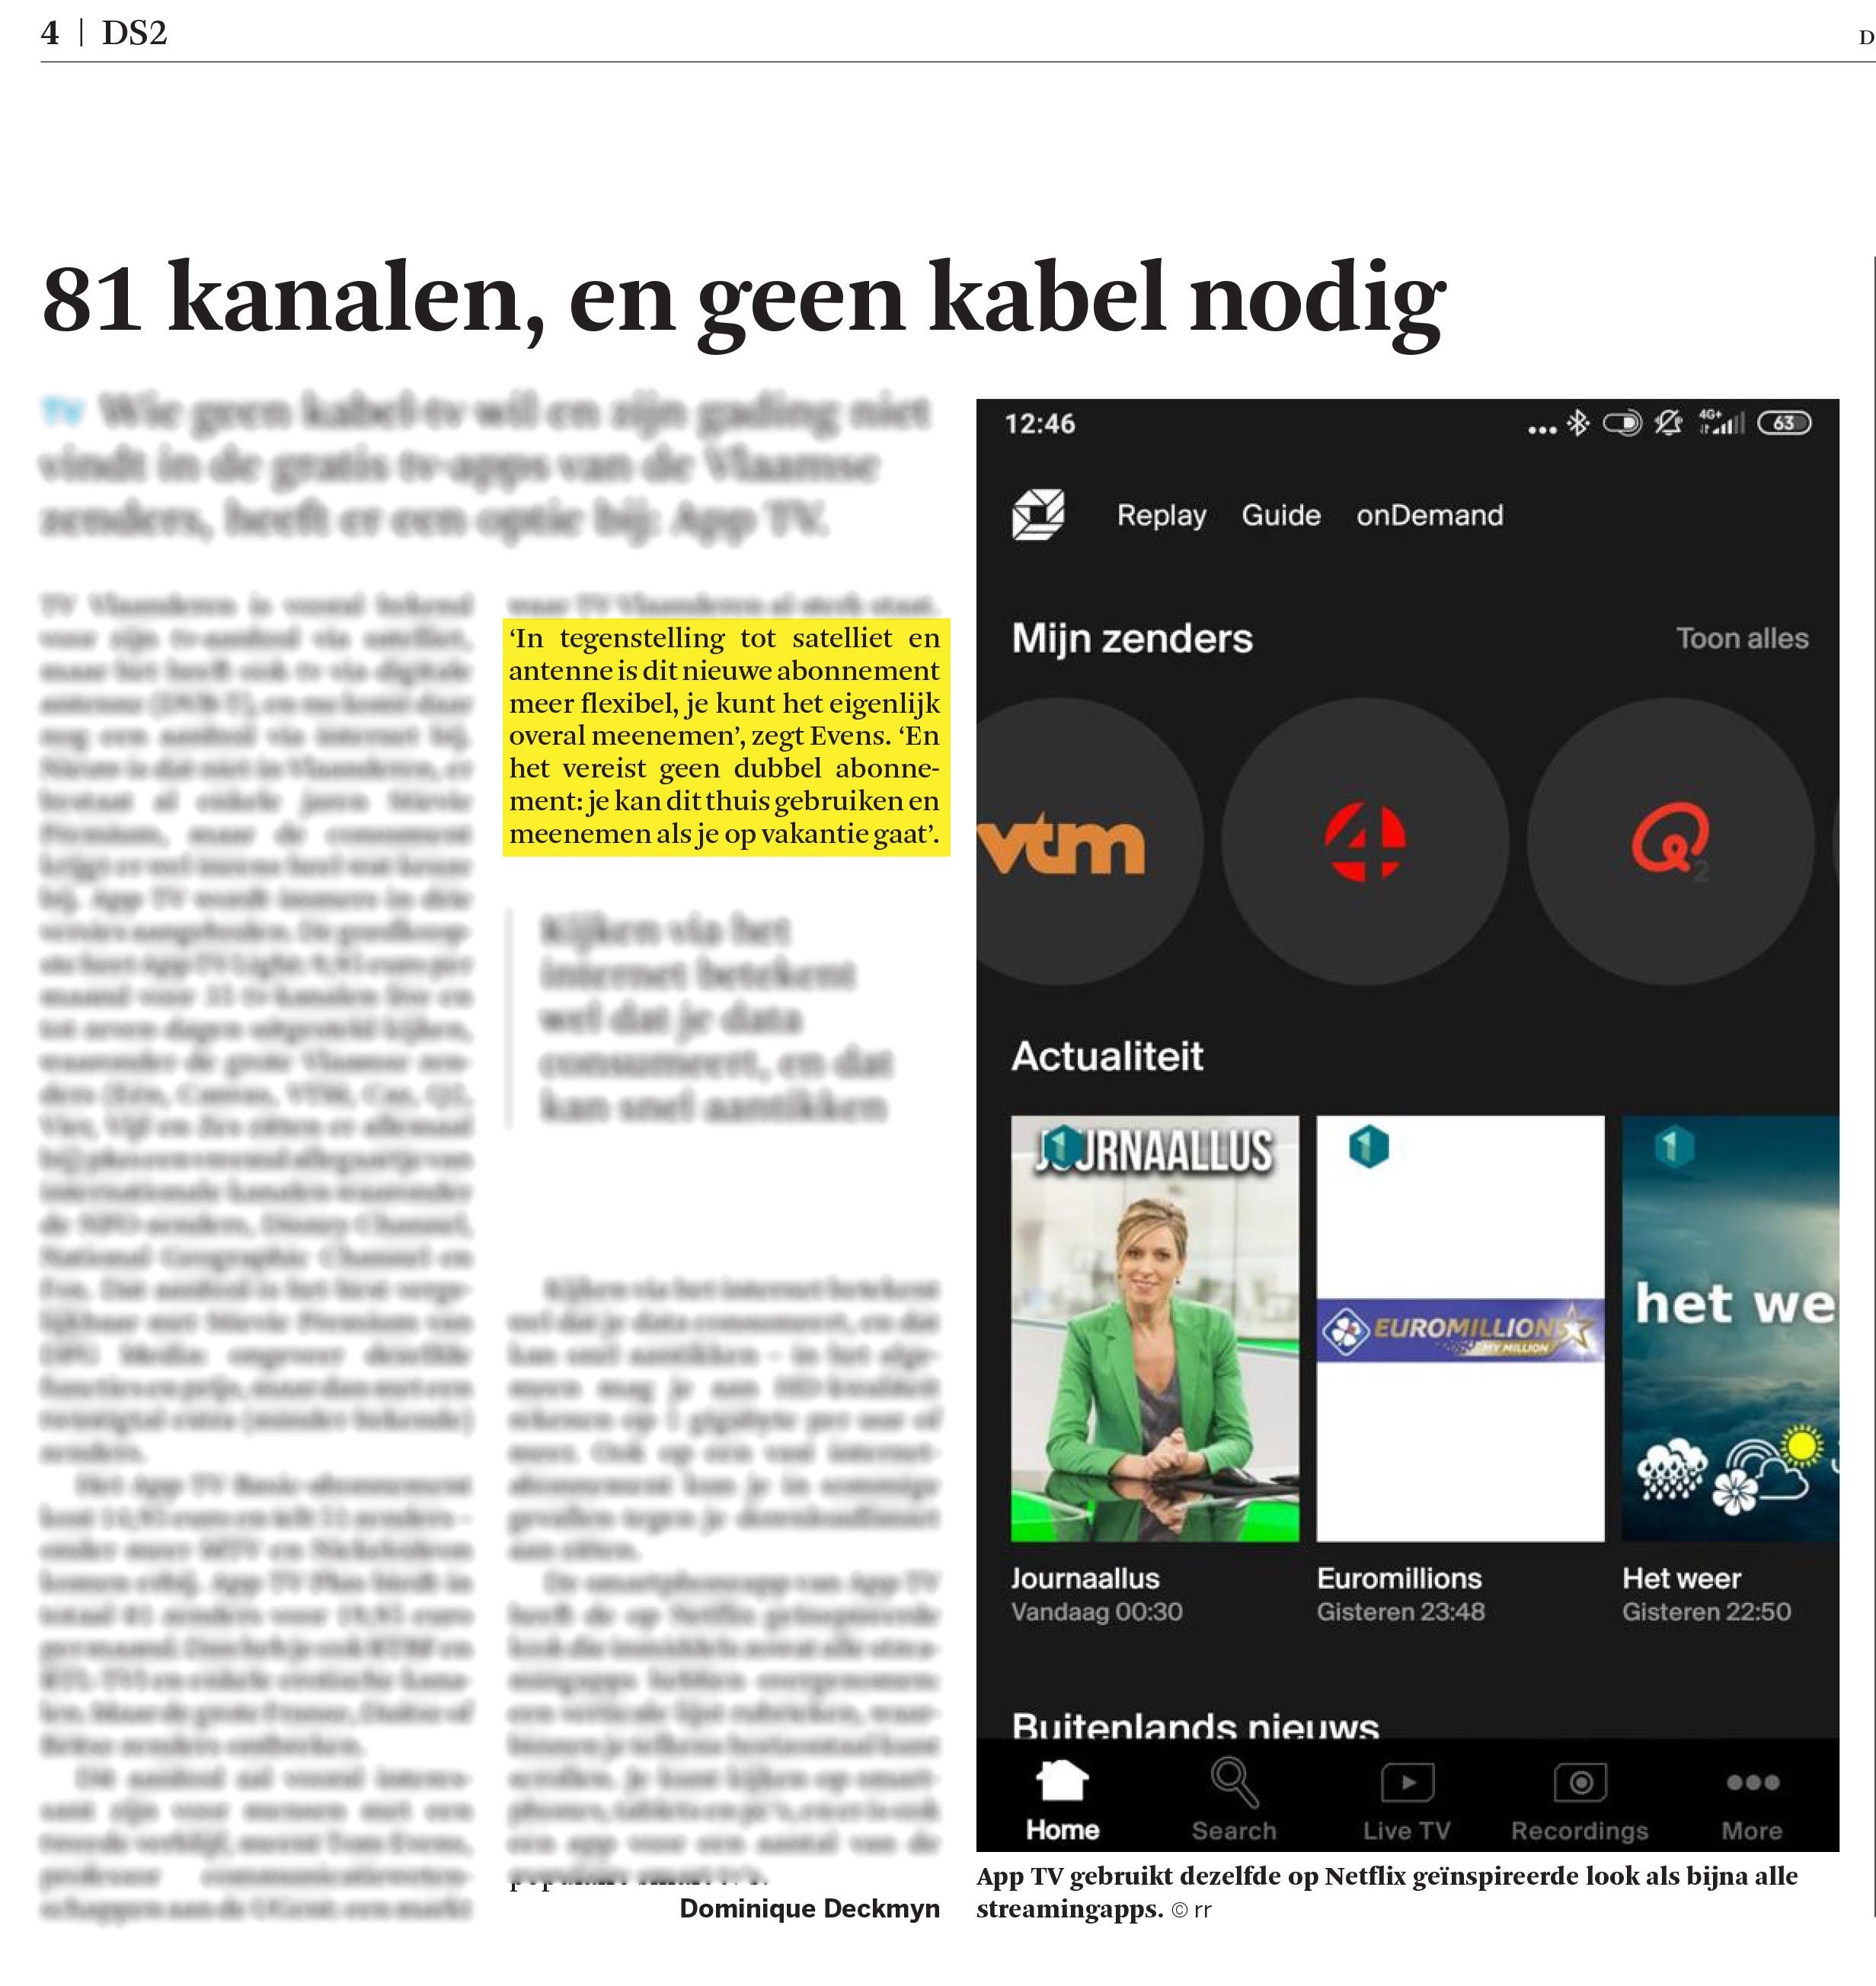 BRON: De Standaard, 11/06/2020, p 4